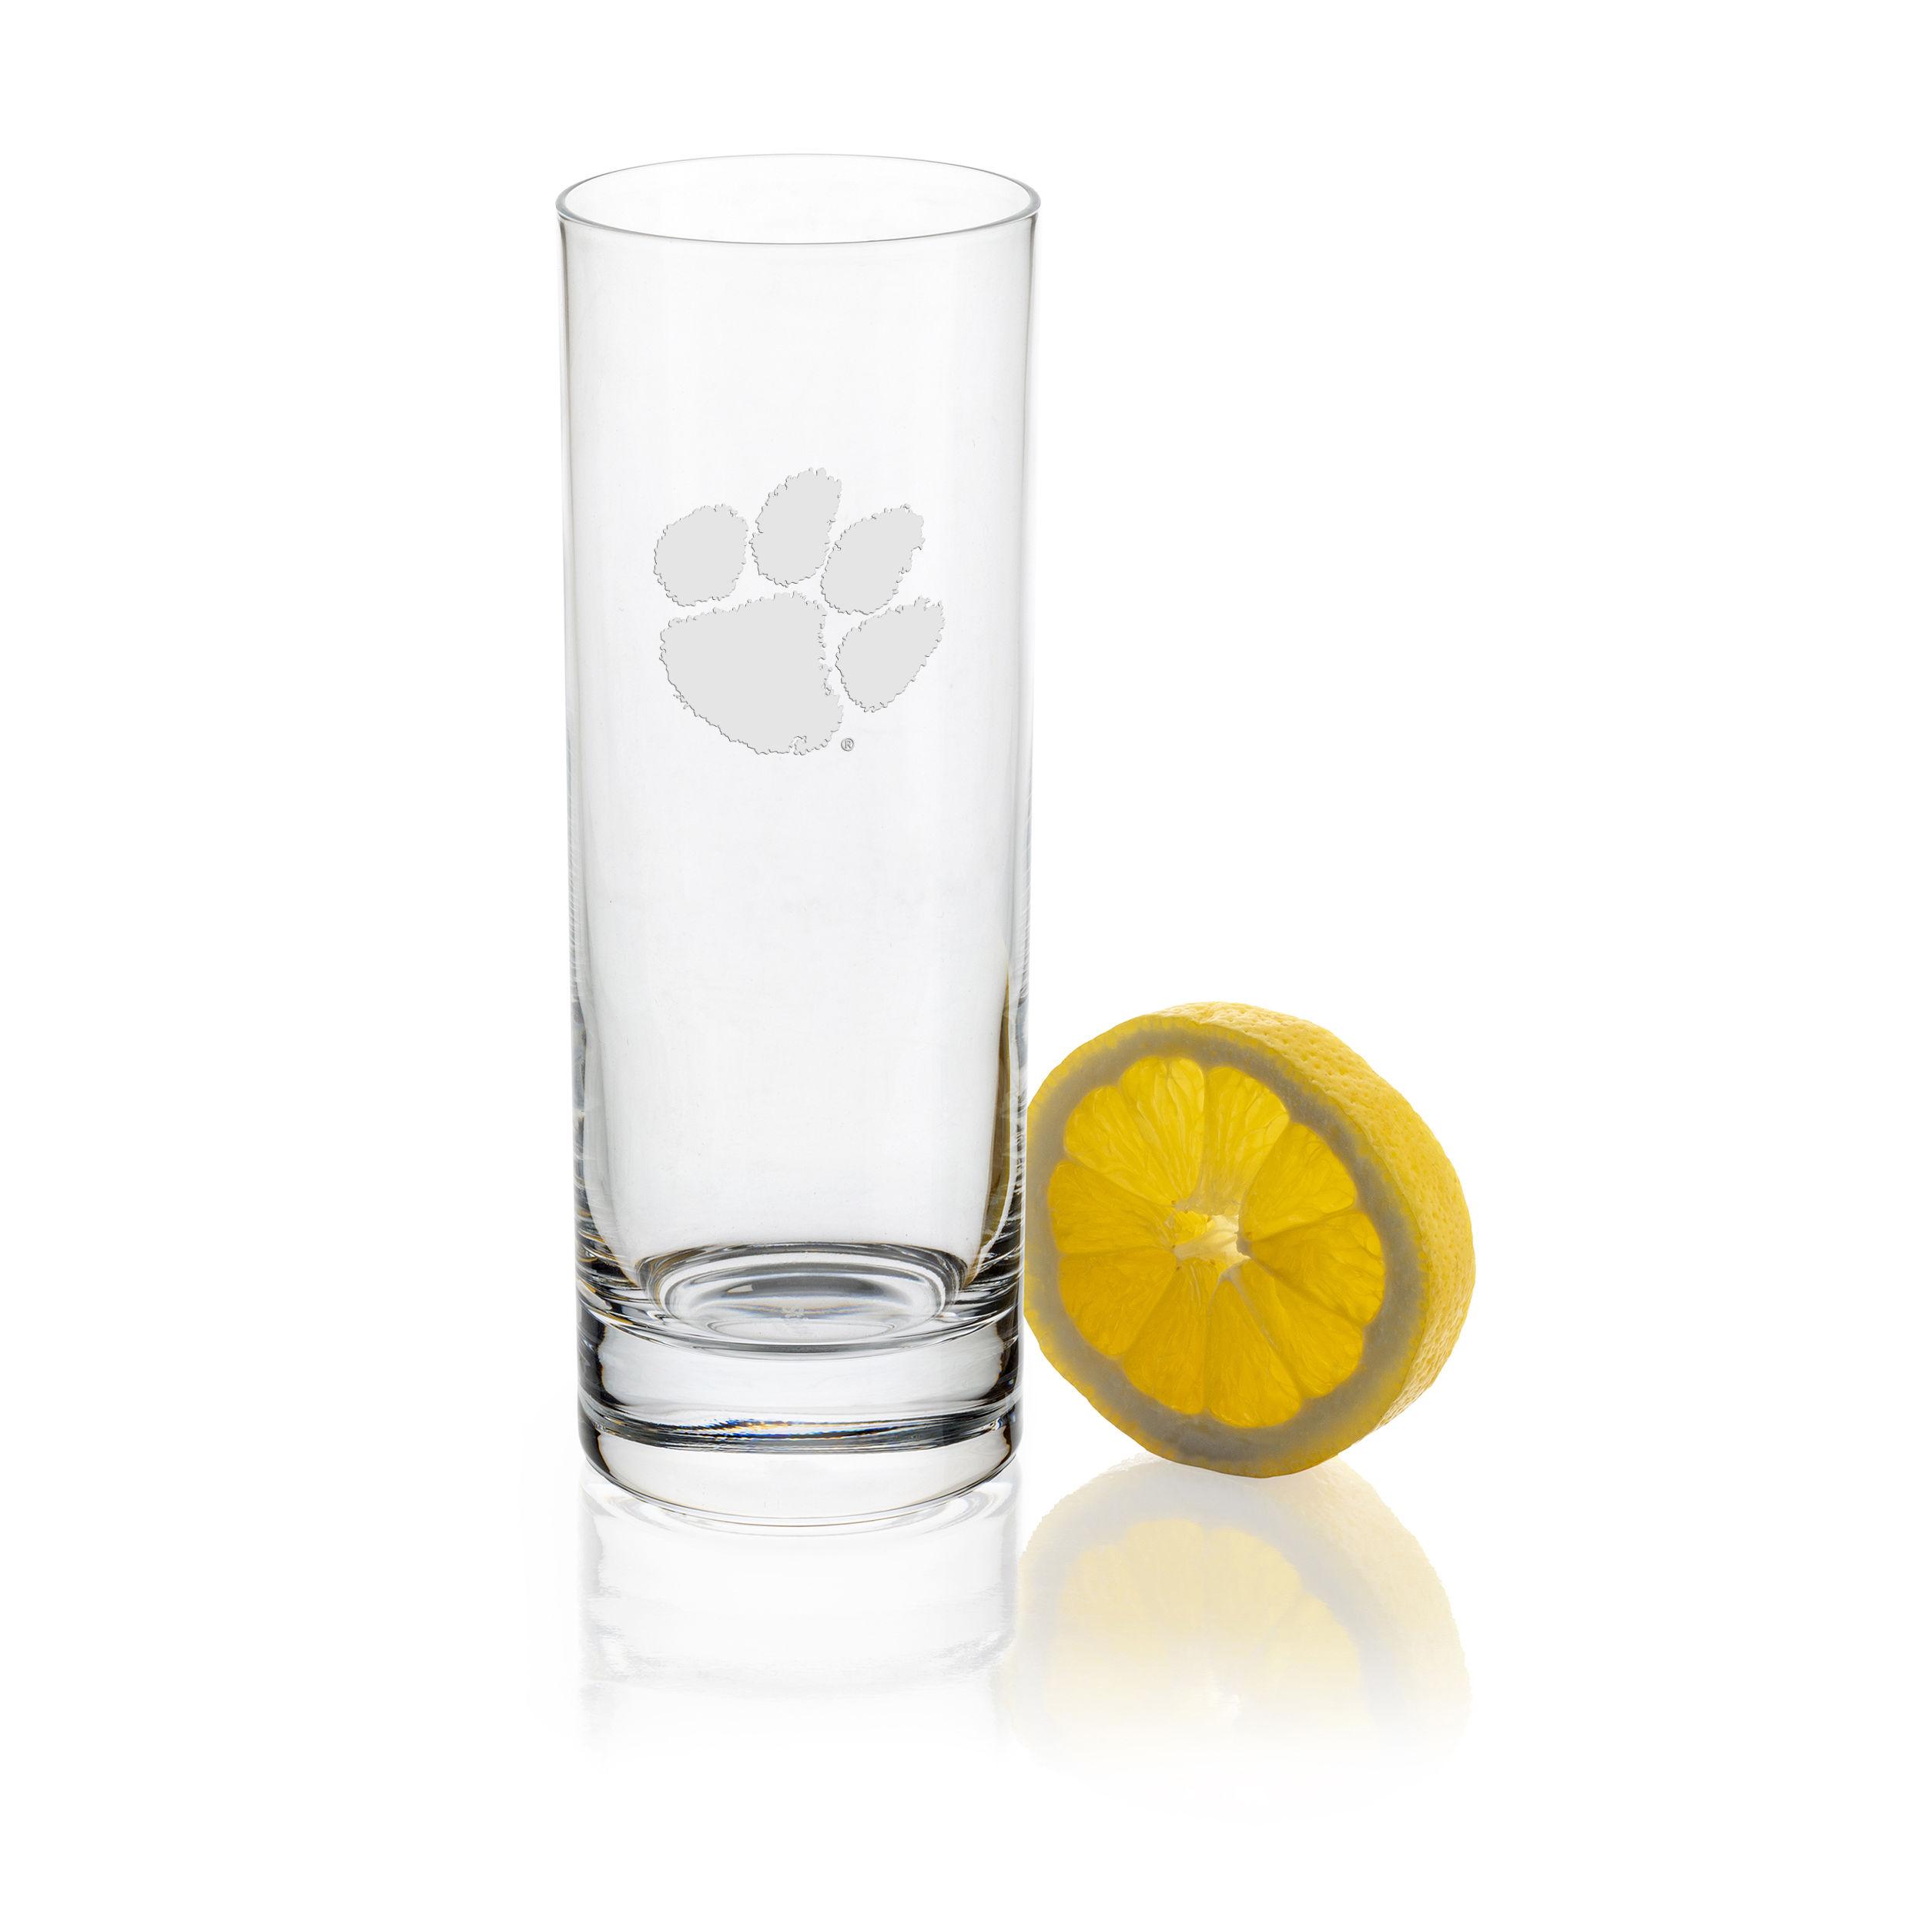 Clemson Iced Beverage Glasses - Set of 4